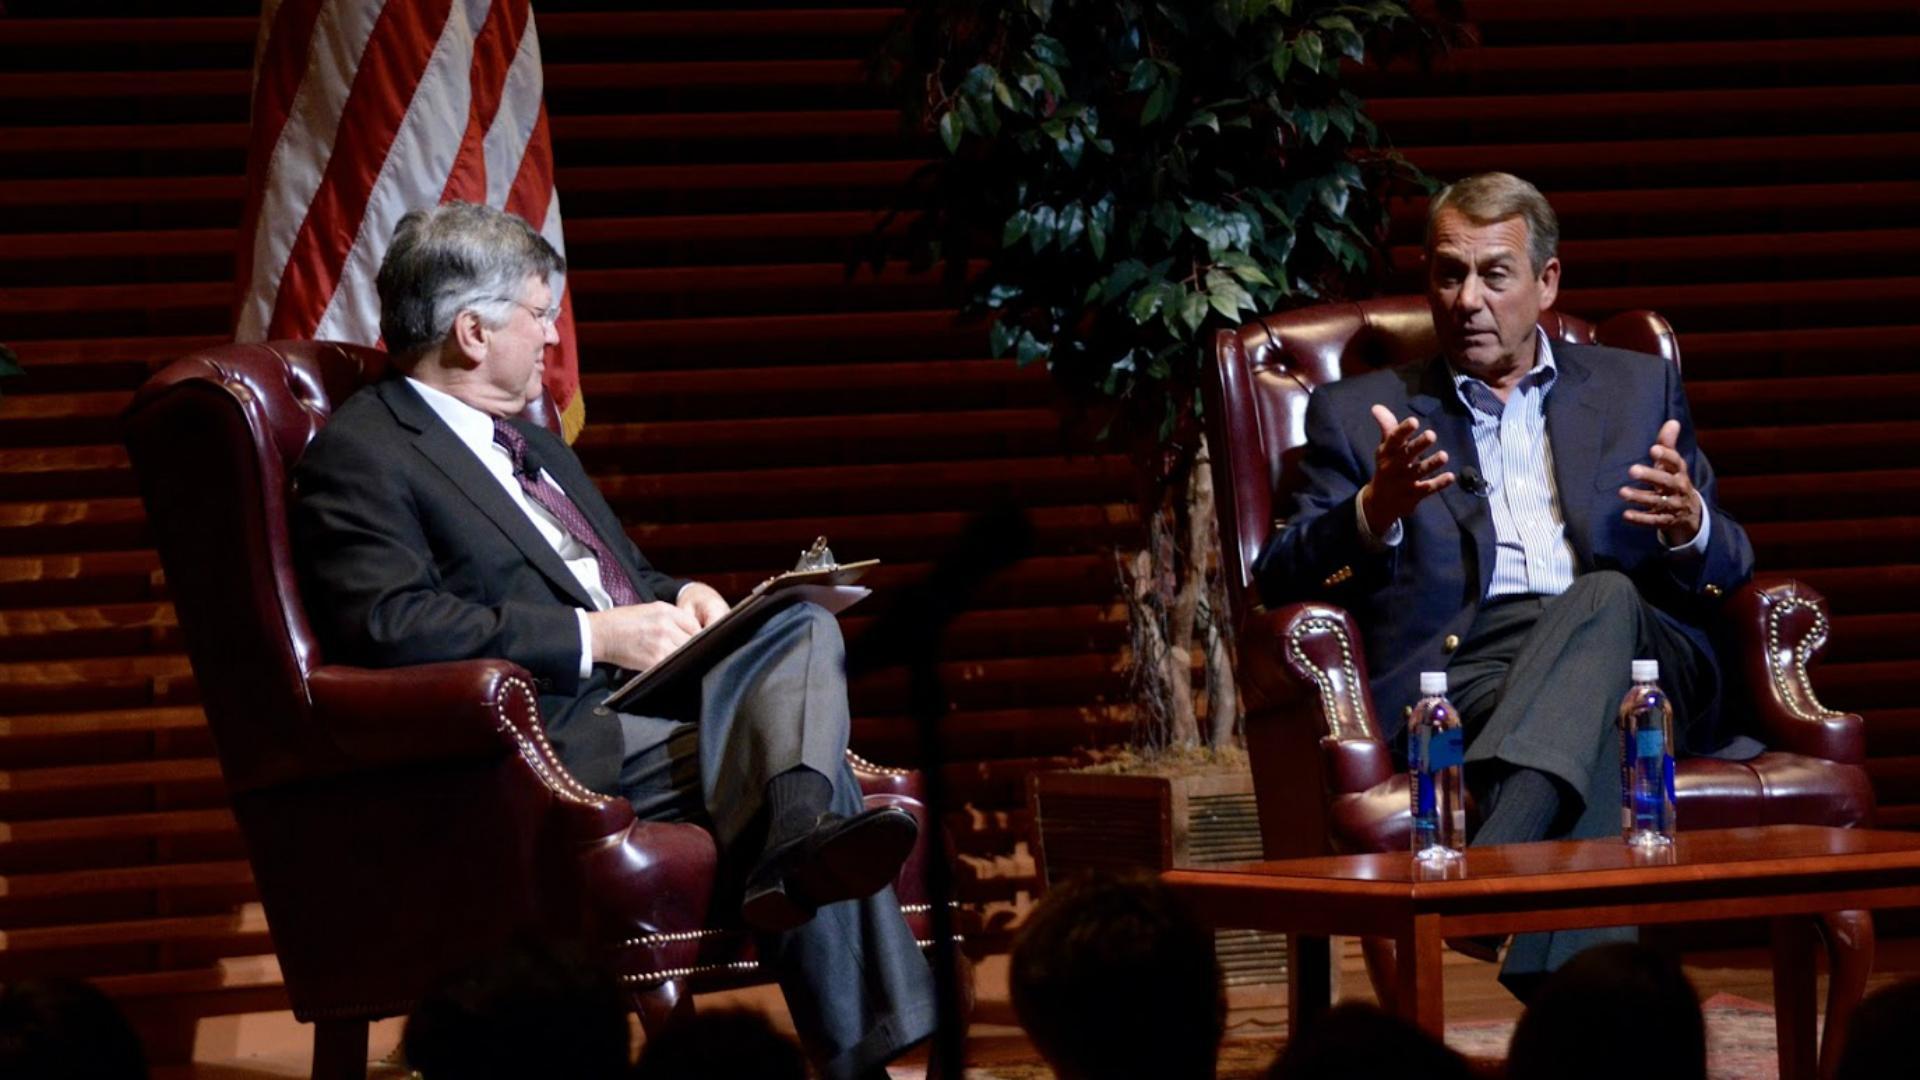 Listen: Boehner calls Cruz 'Lucifer in the flesh'